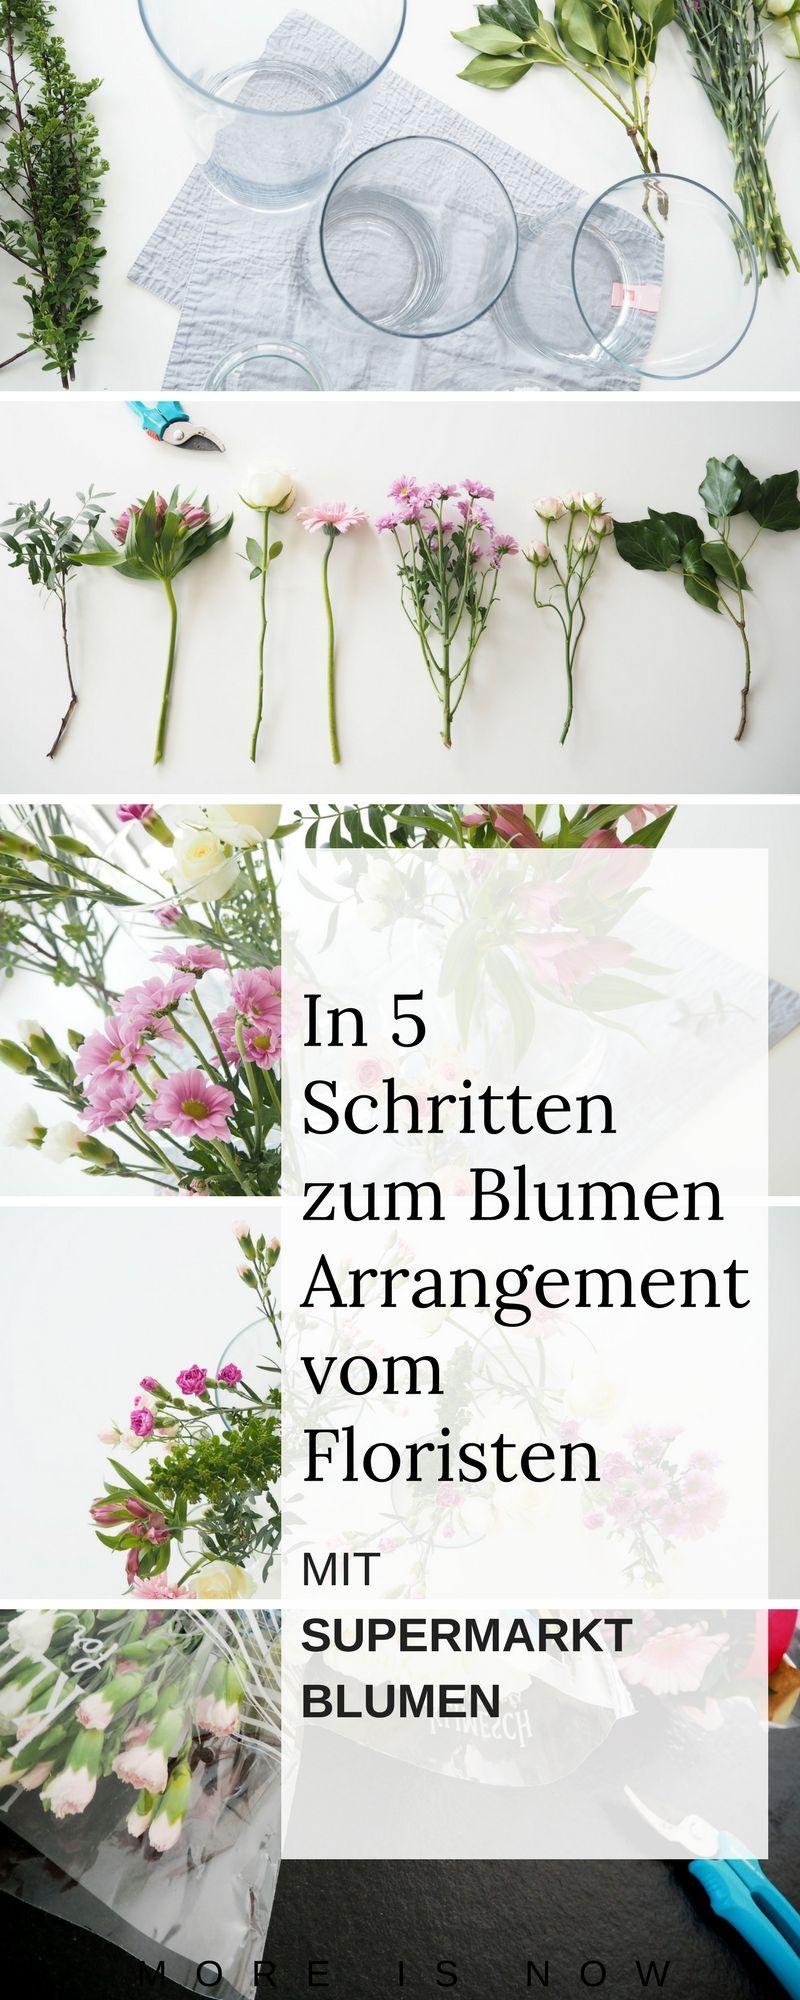 Mama dekoriert - Blumen aus dem Supermarkt pimpen, so geht ...